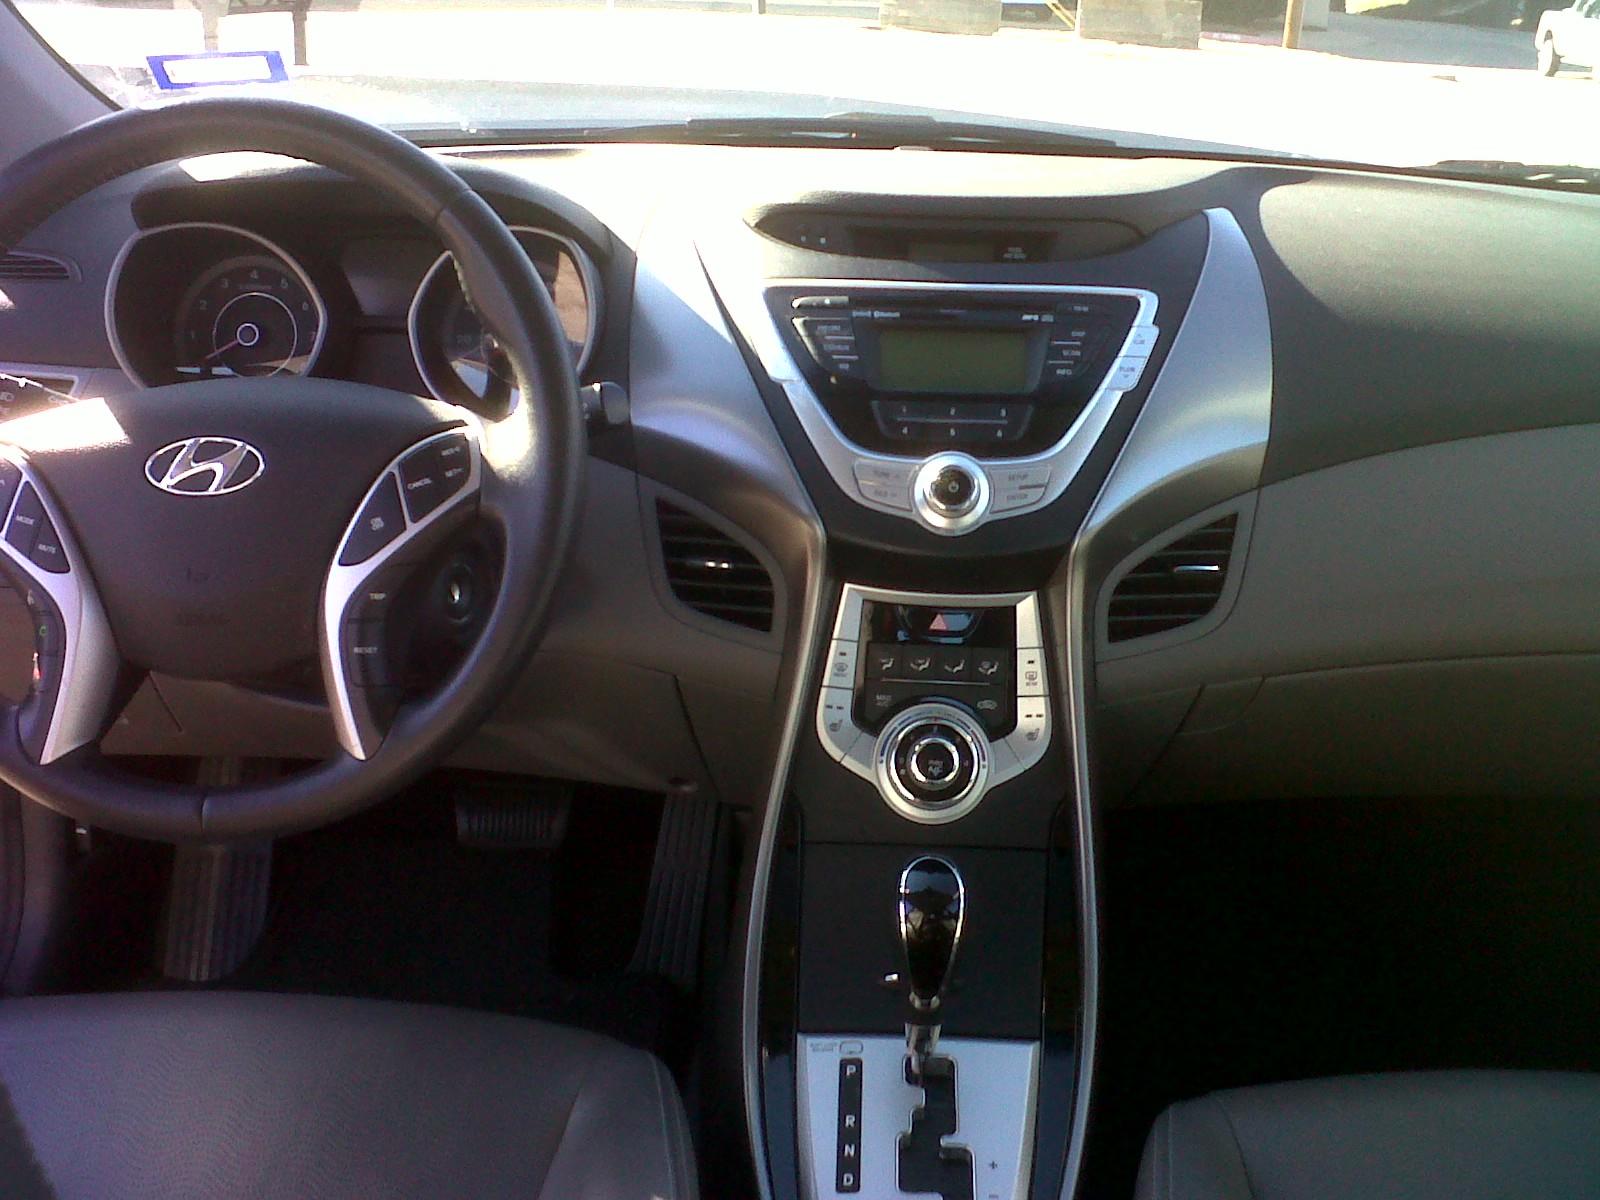 2011 Hyundai Elantra Interior Pictures Cargurus